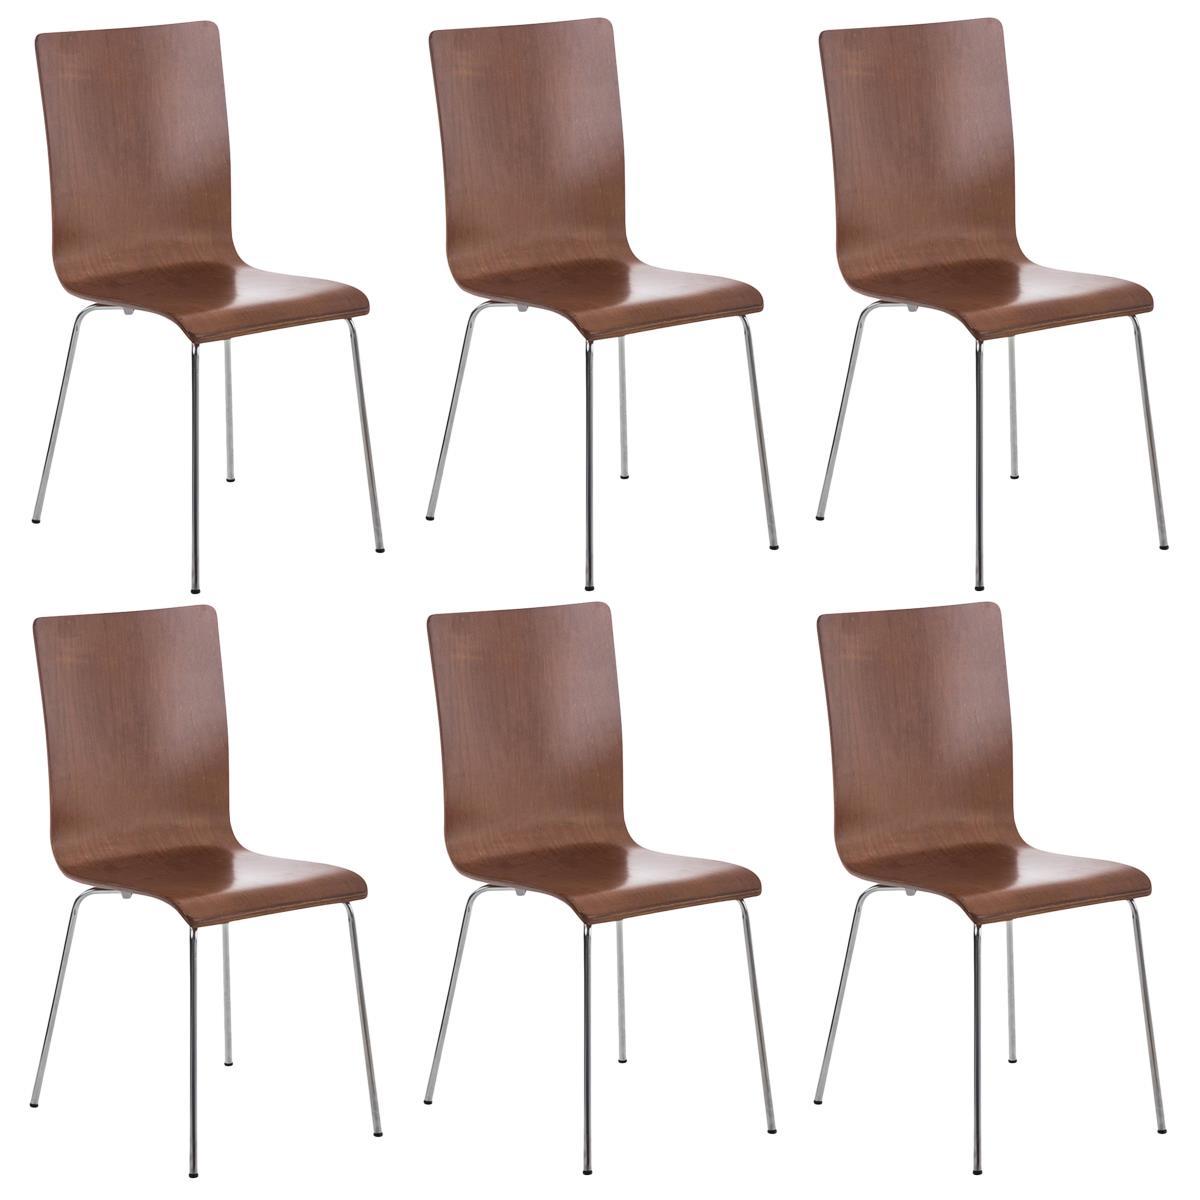 Conjunto de 6 sillas de cocina o comedor lodi en color for Sillas comedor patas metalicas